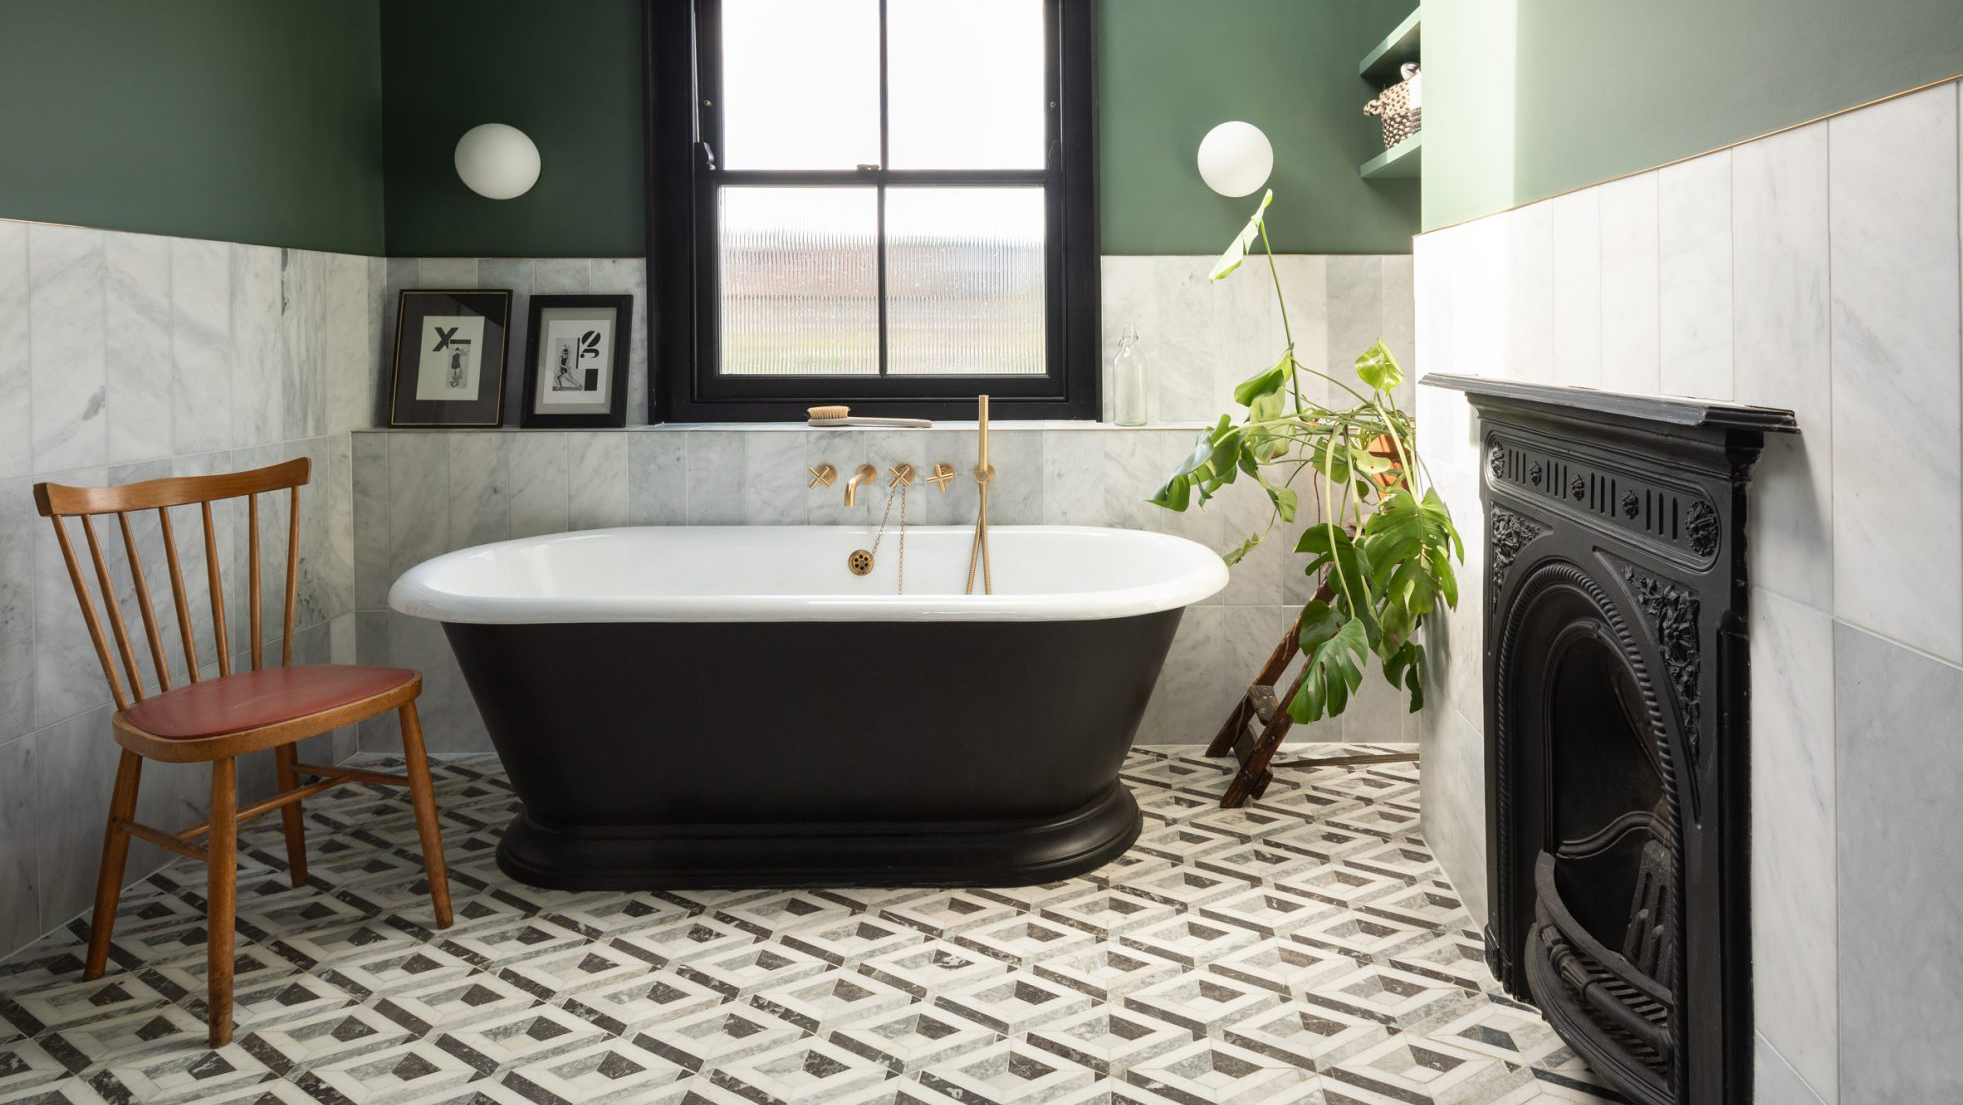 Десять дизайнерских ванных комнат с отдельностоящими ваннами